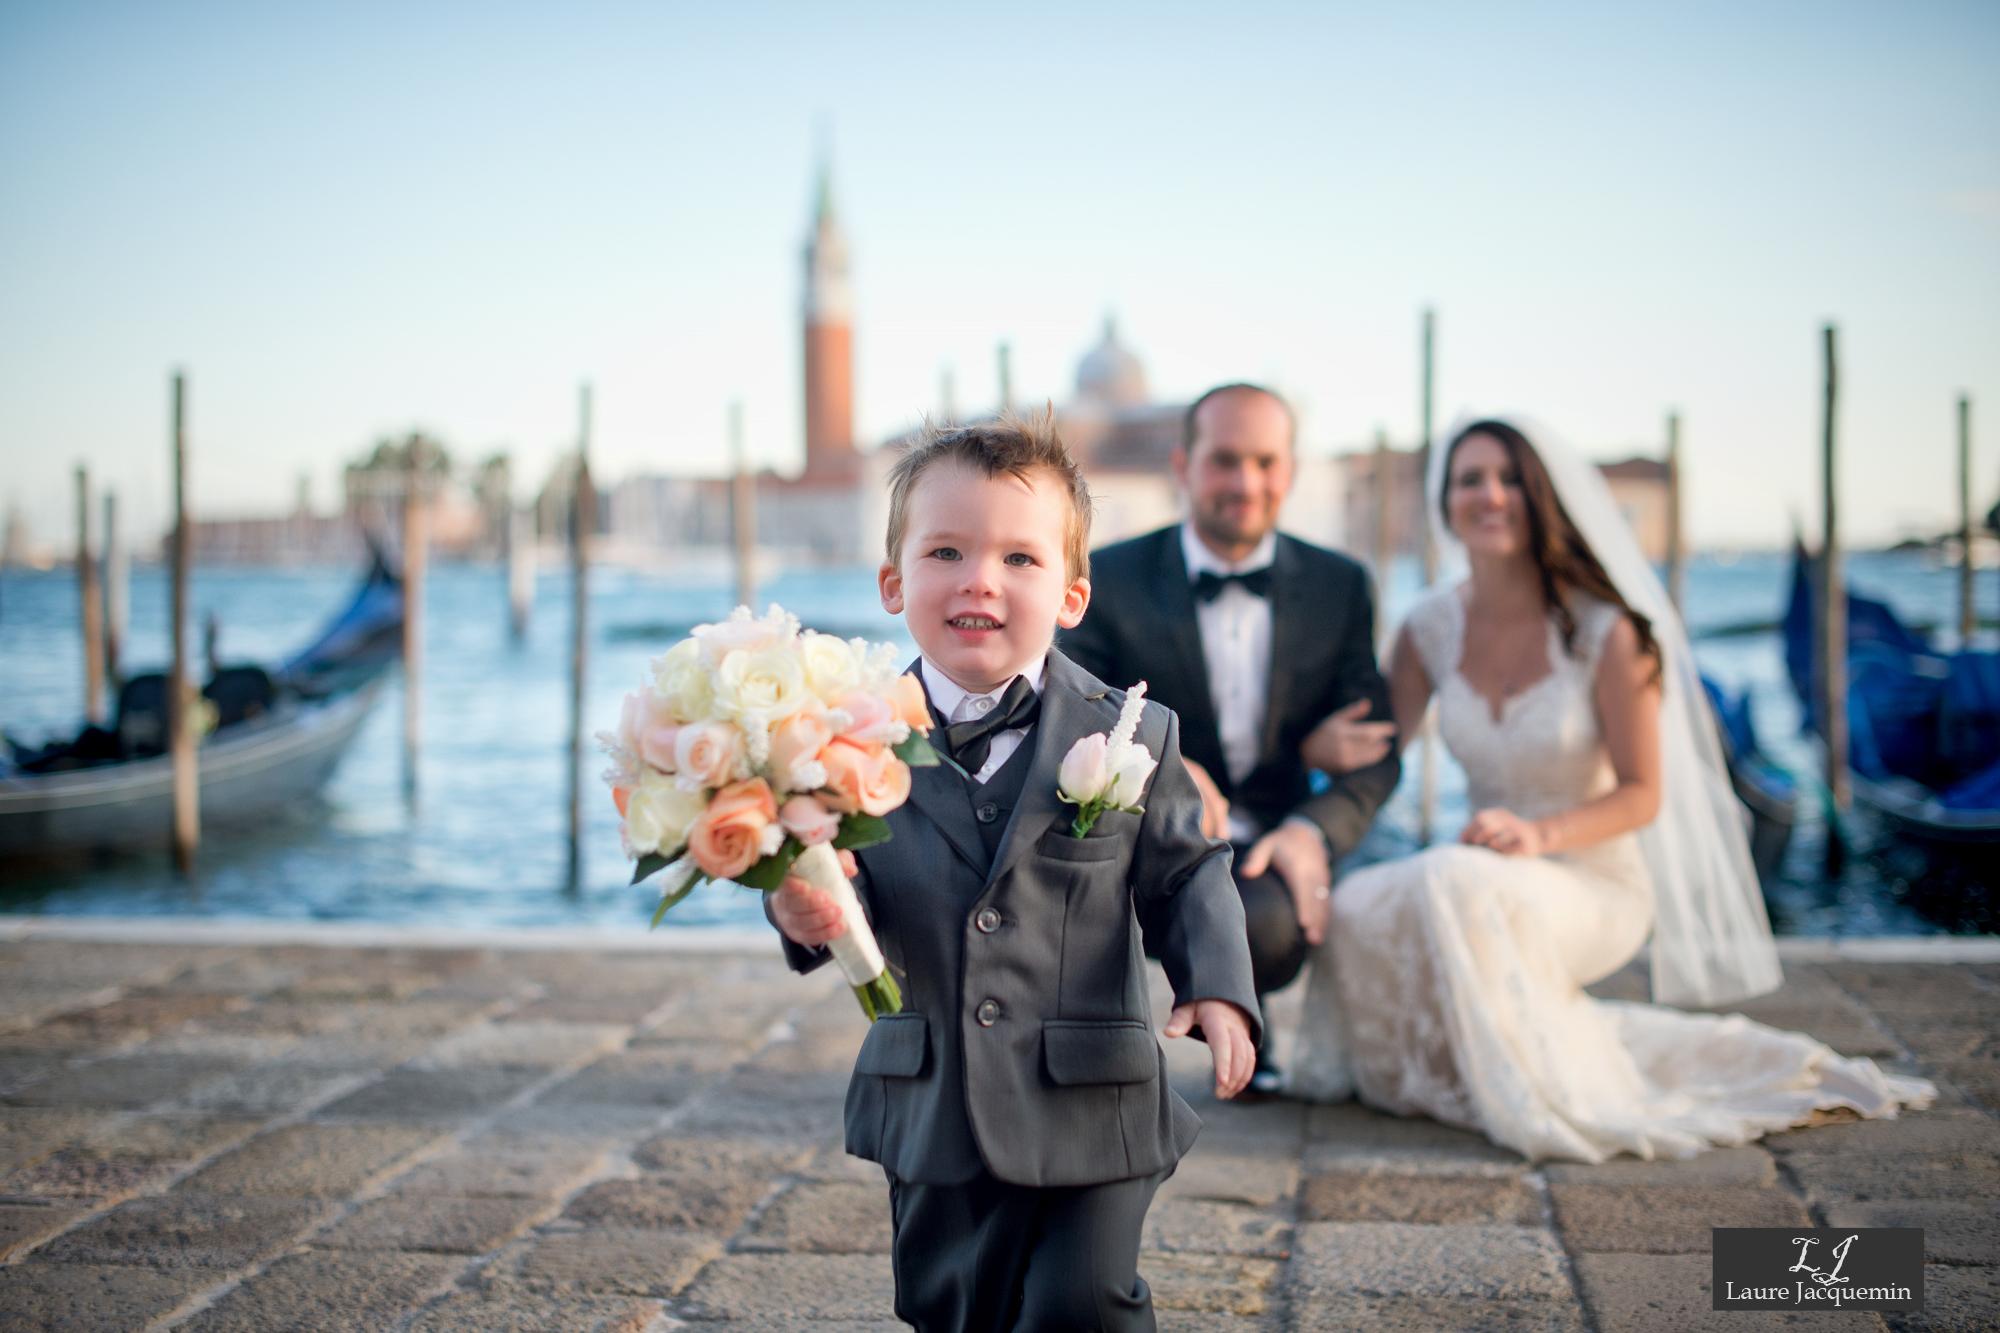 photographe mariage laure jacquemin palazzo cavalli service photographique (98)